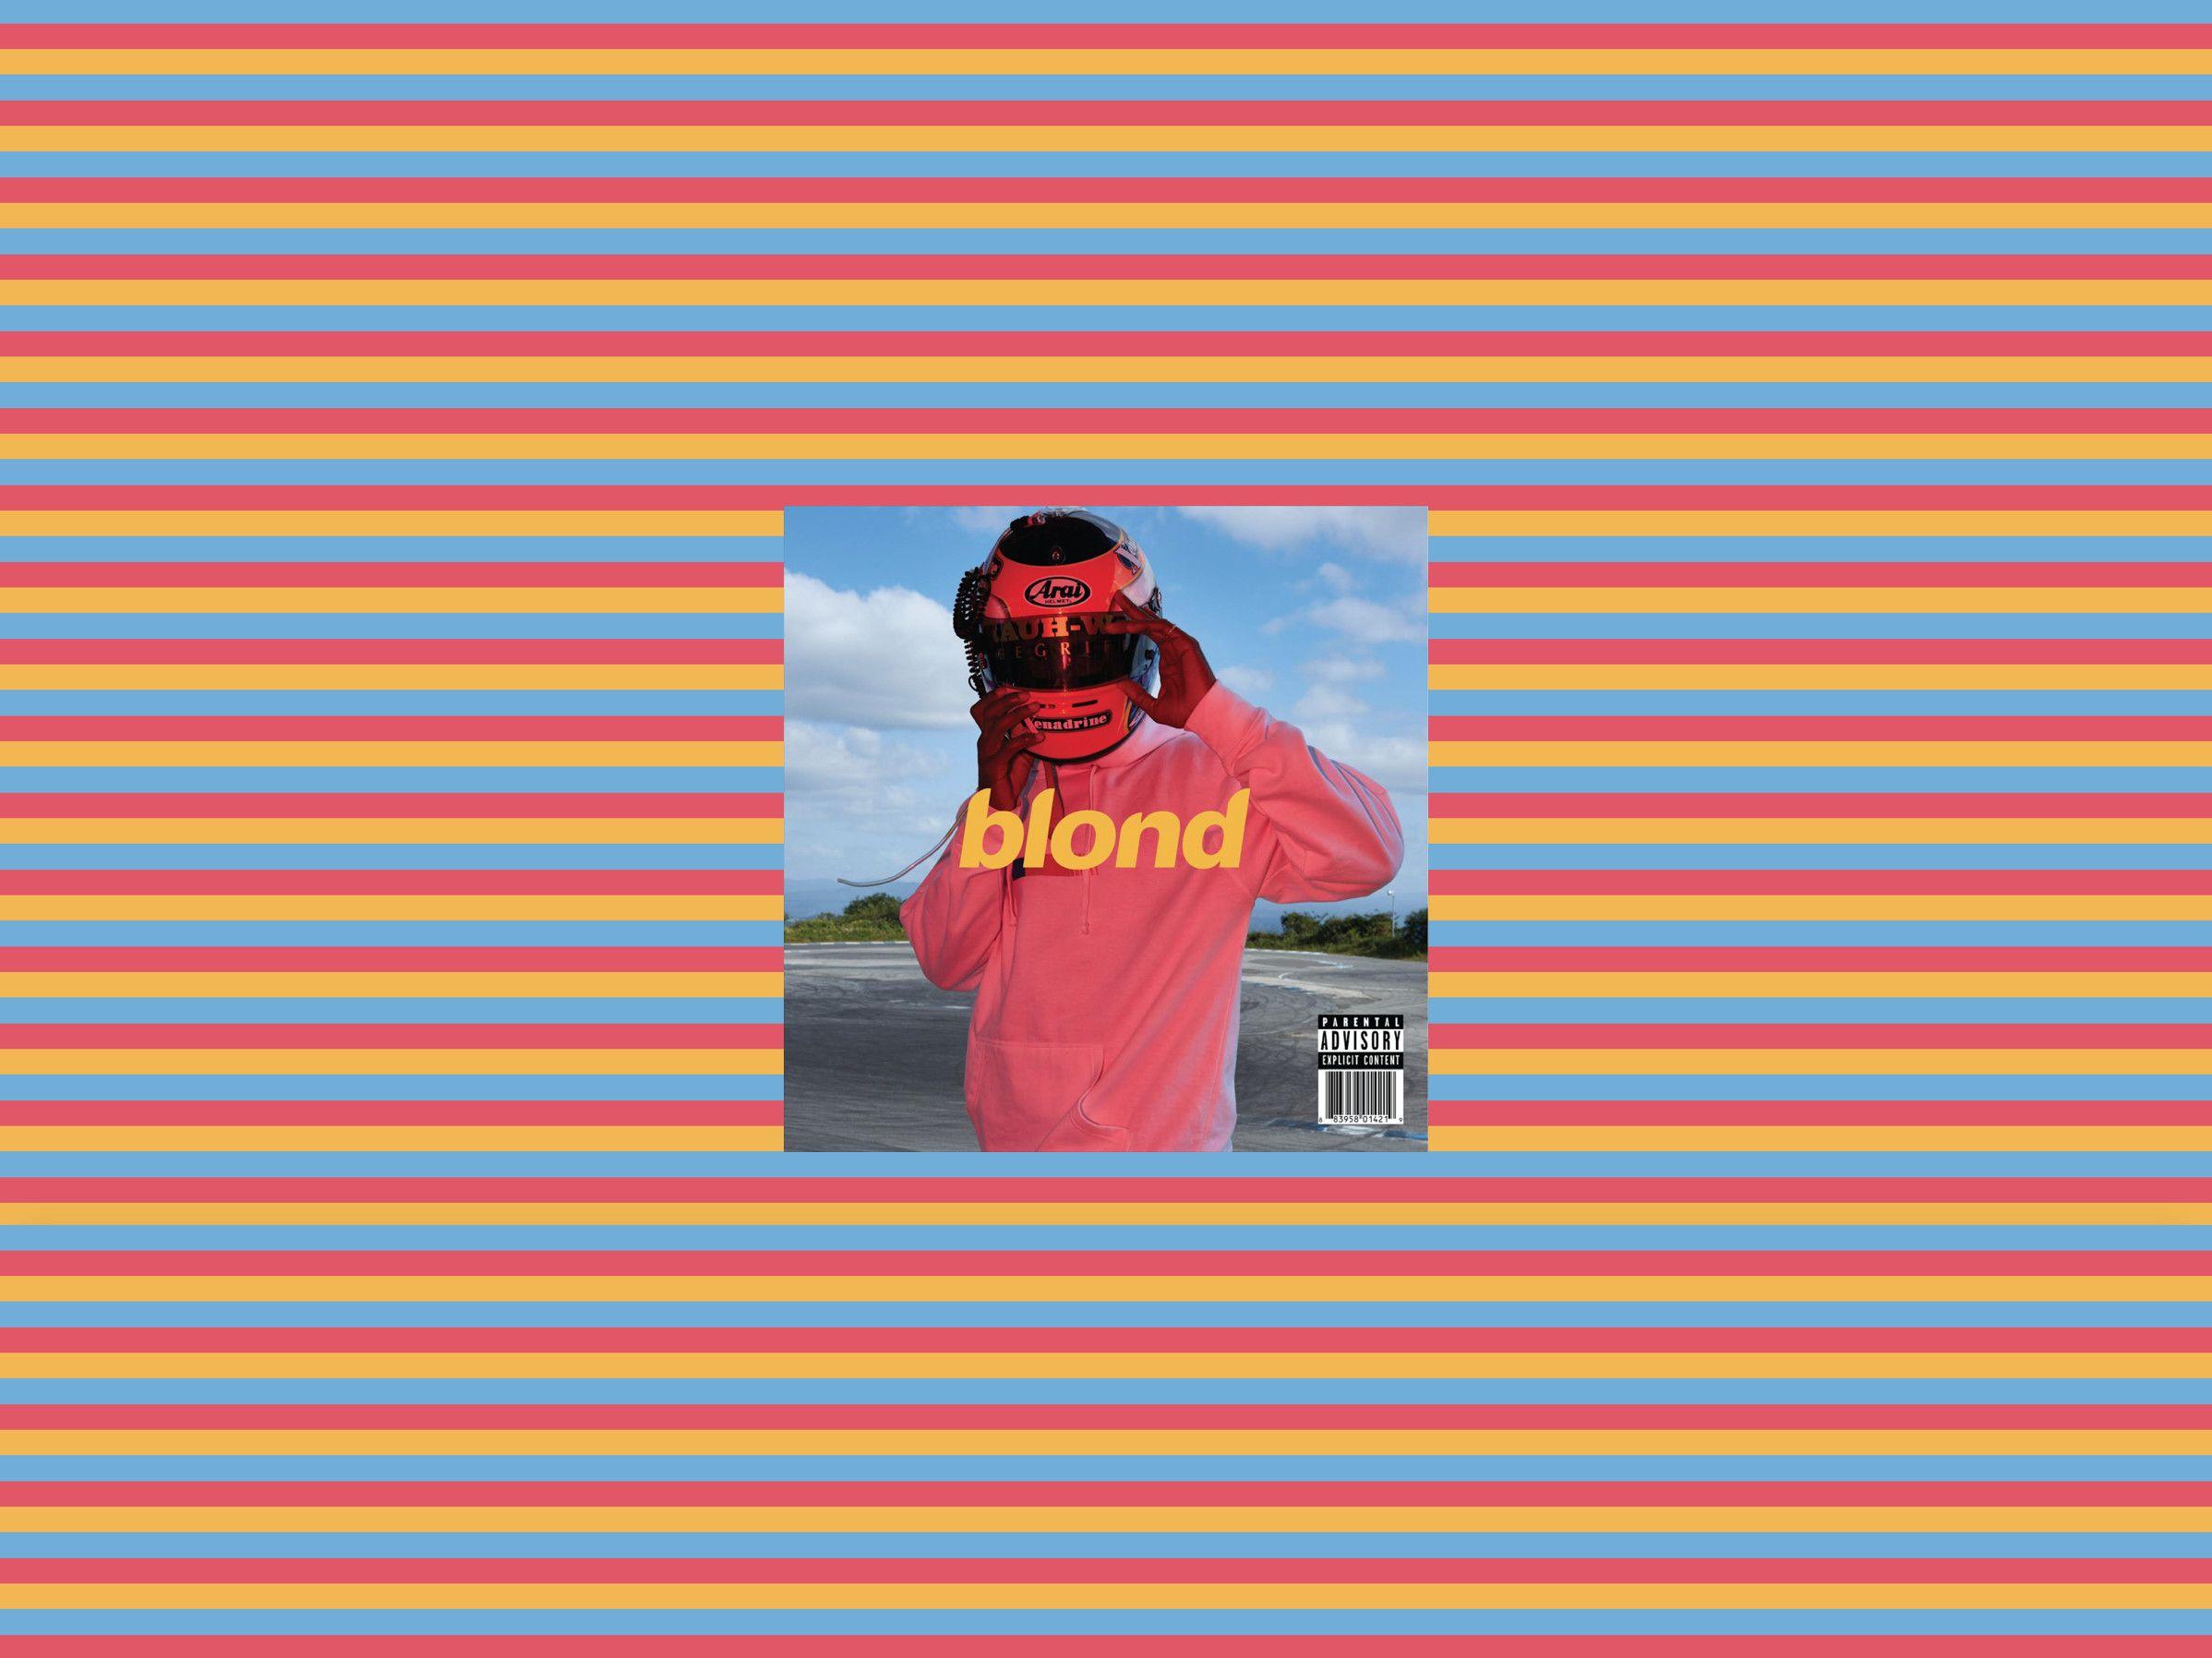 2396x1796 Blond E Wallpaper Art Wallpaper Frank Ocean Wallpaper Frank Ocean Album